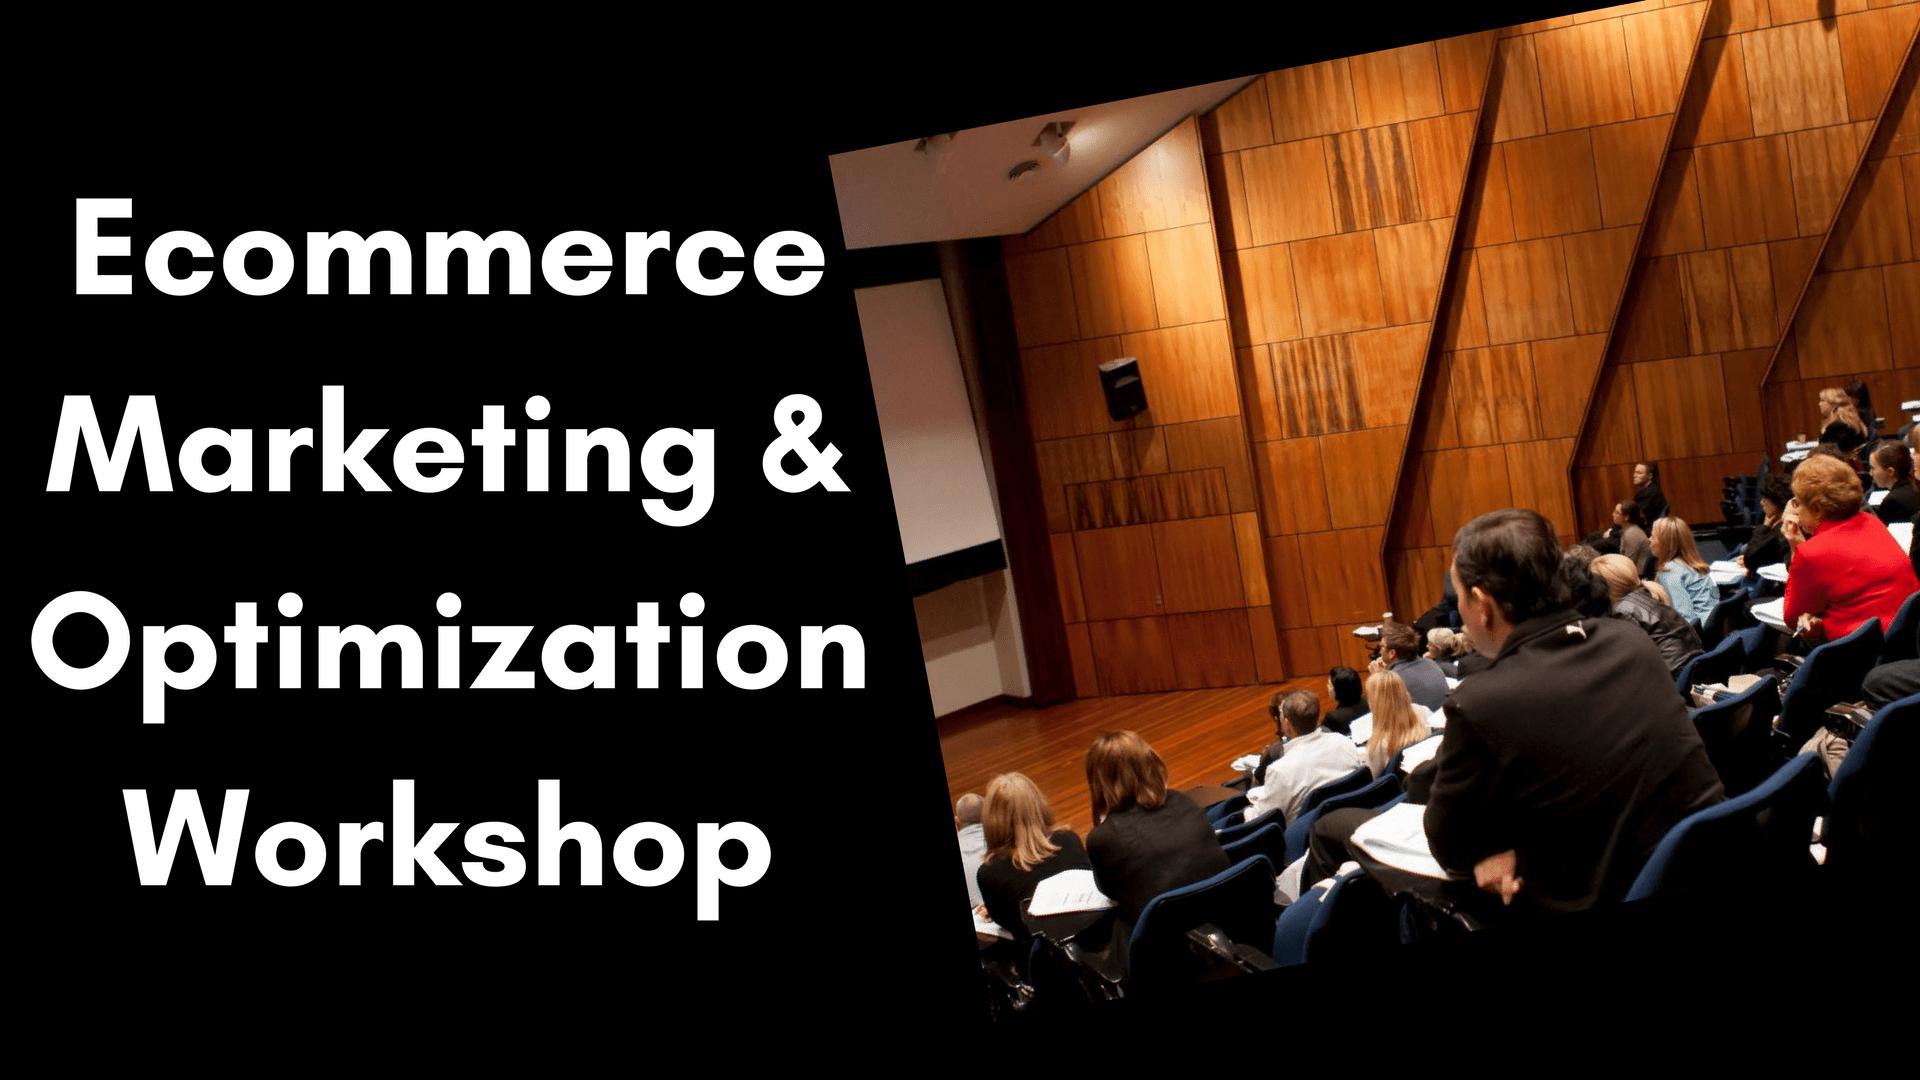 Ecommerce Marketing & Optimization Workshop 1 2020